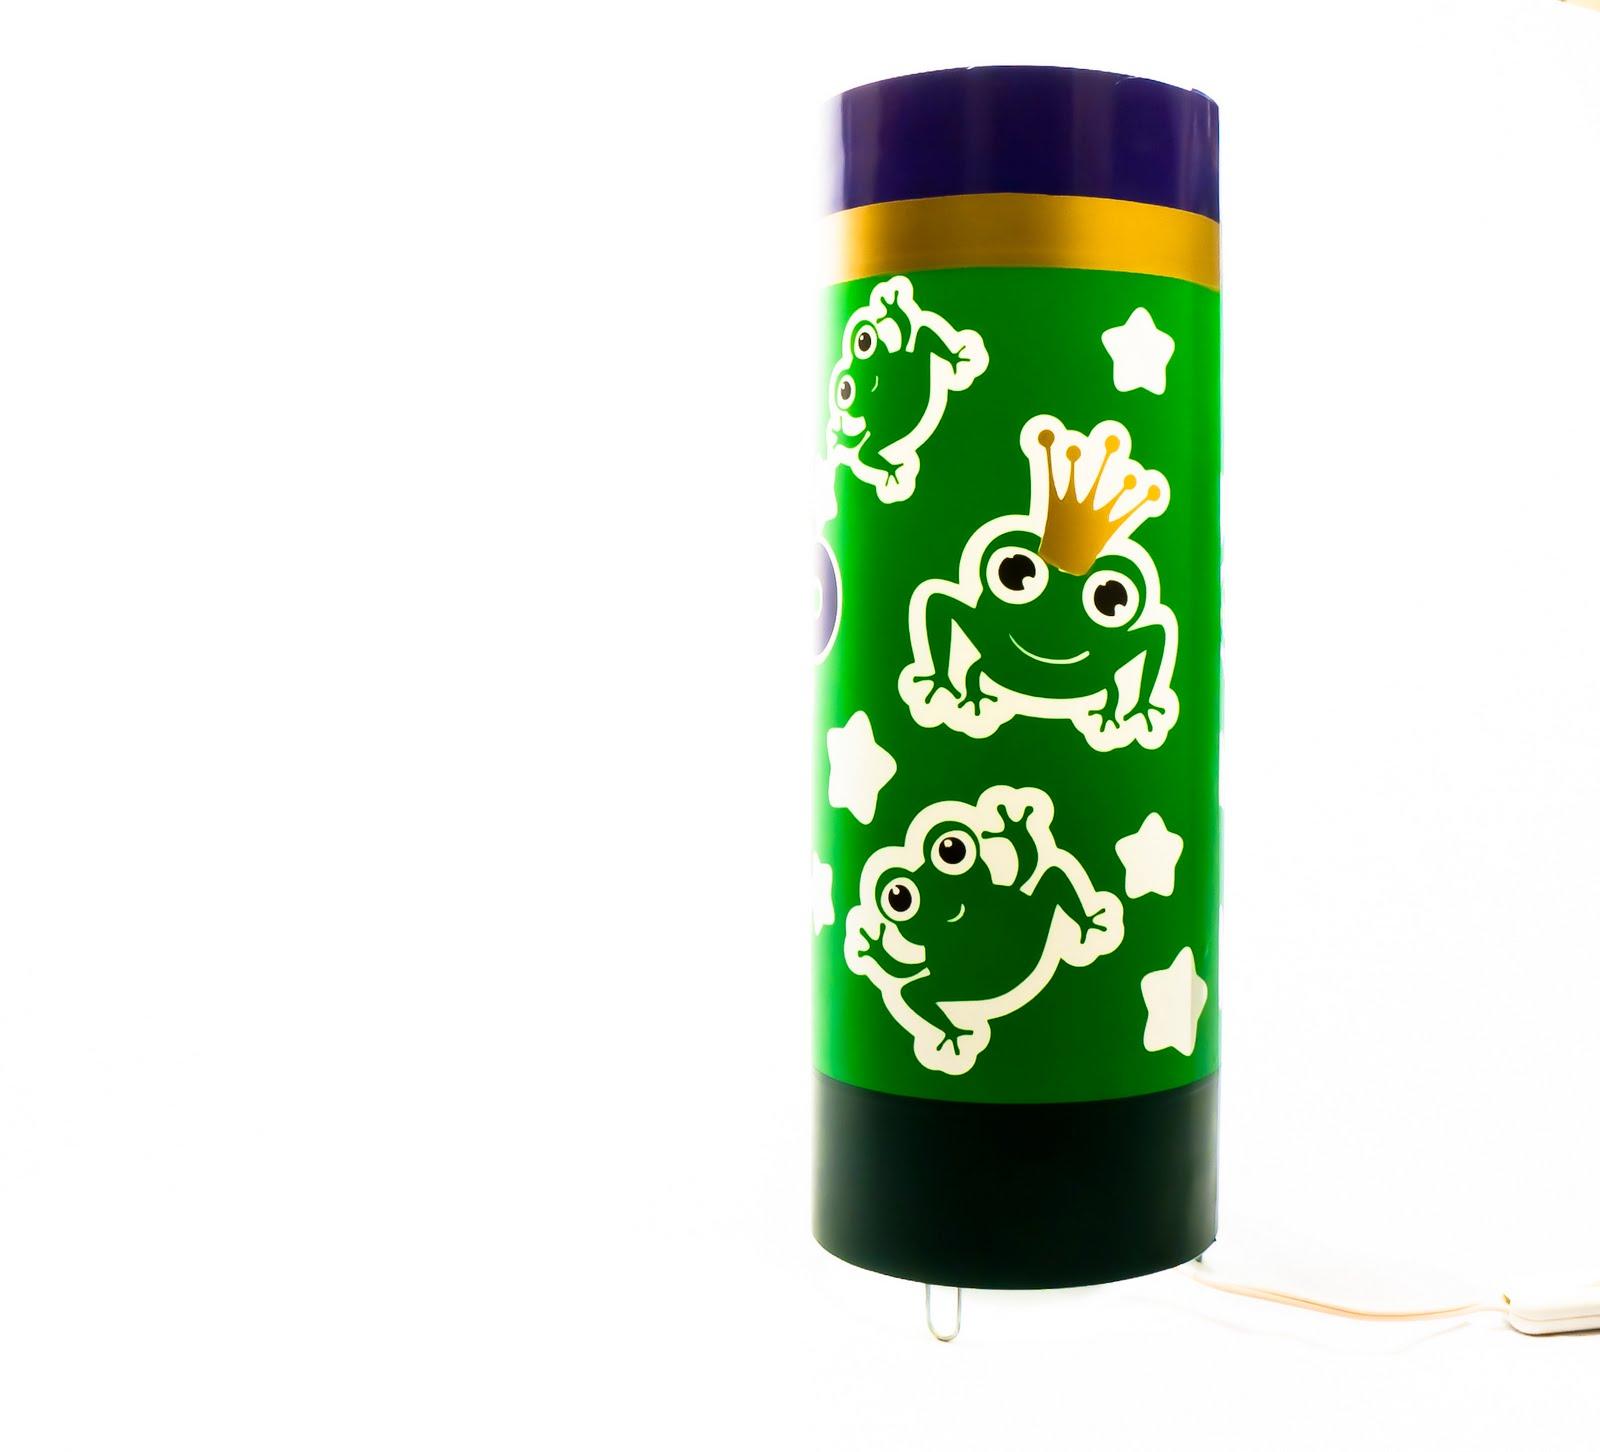 Lamparas y decoracion lamparas con dise os personalizados - Lamparas y decoracion ...